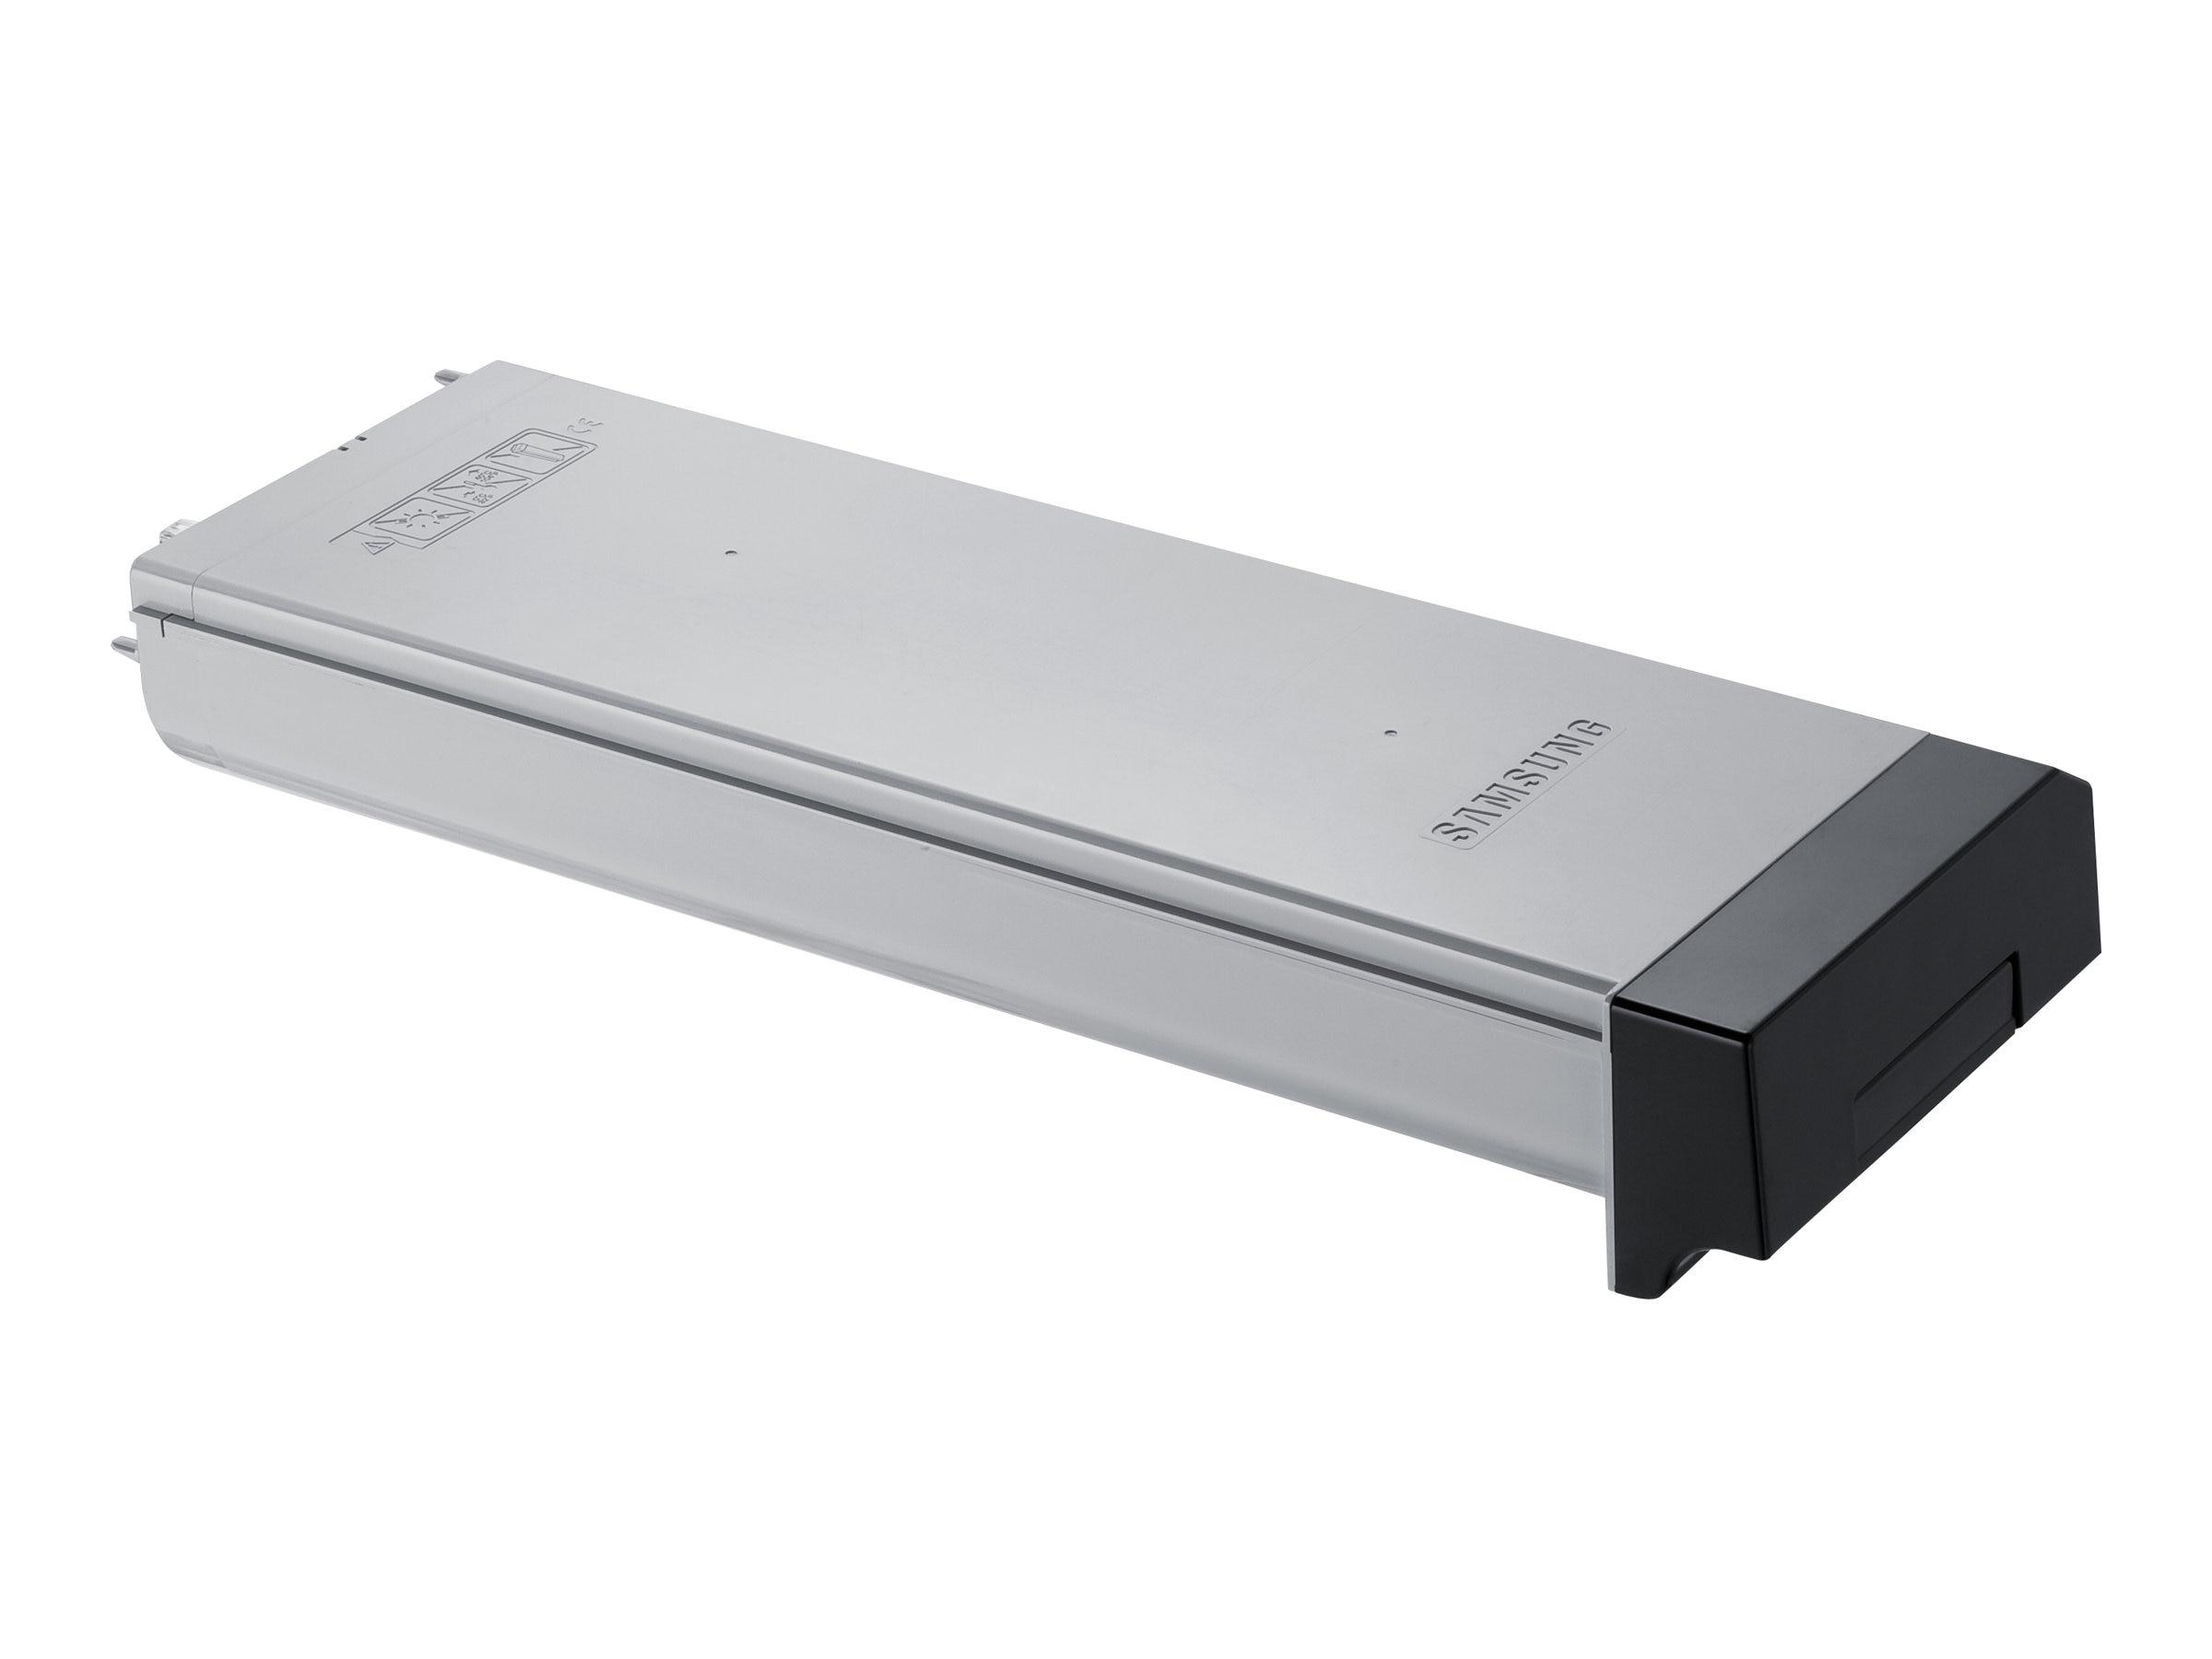 Samsung MLT-K606S/XAA Image 1